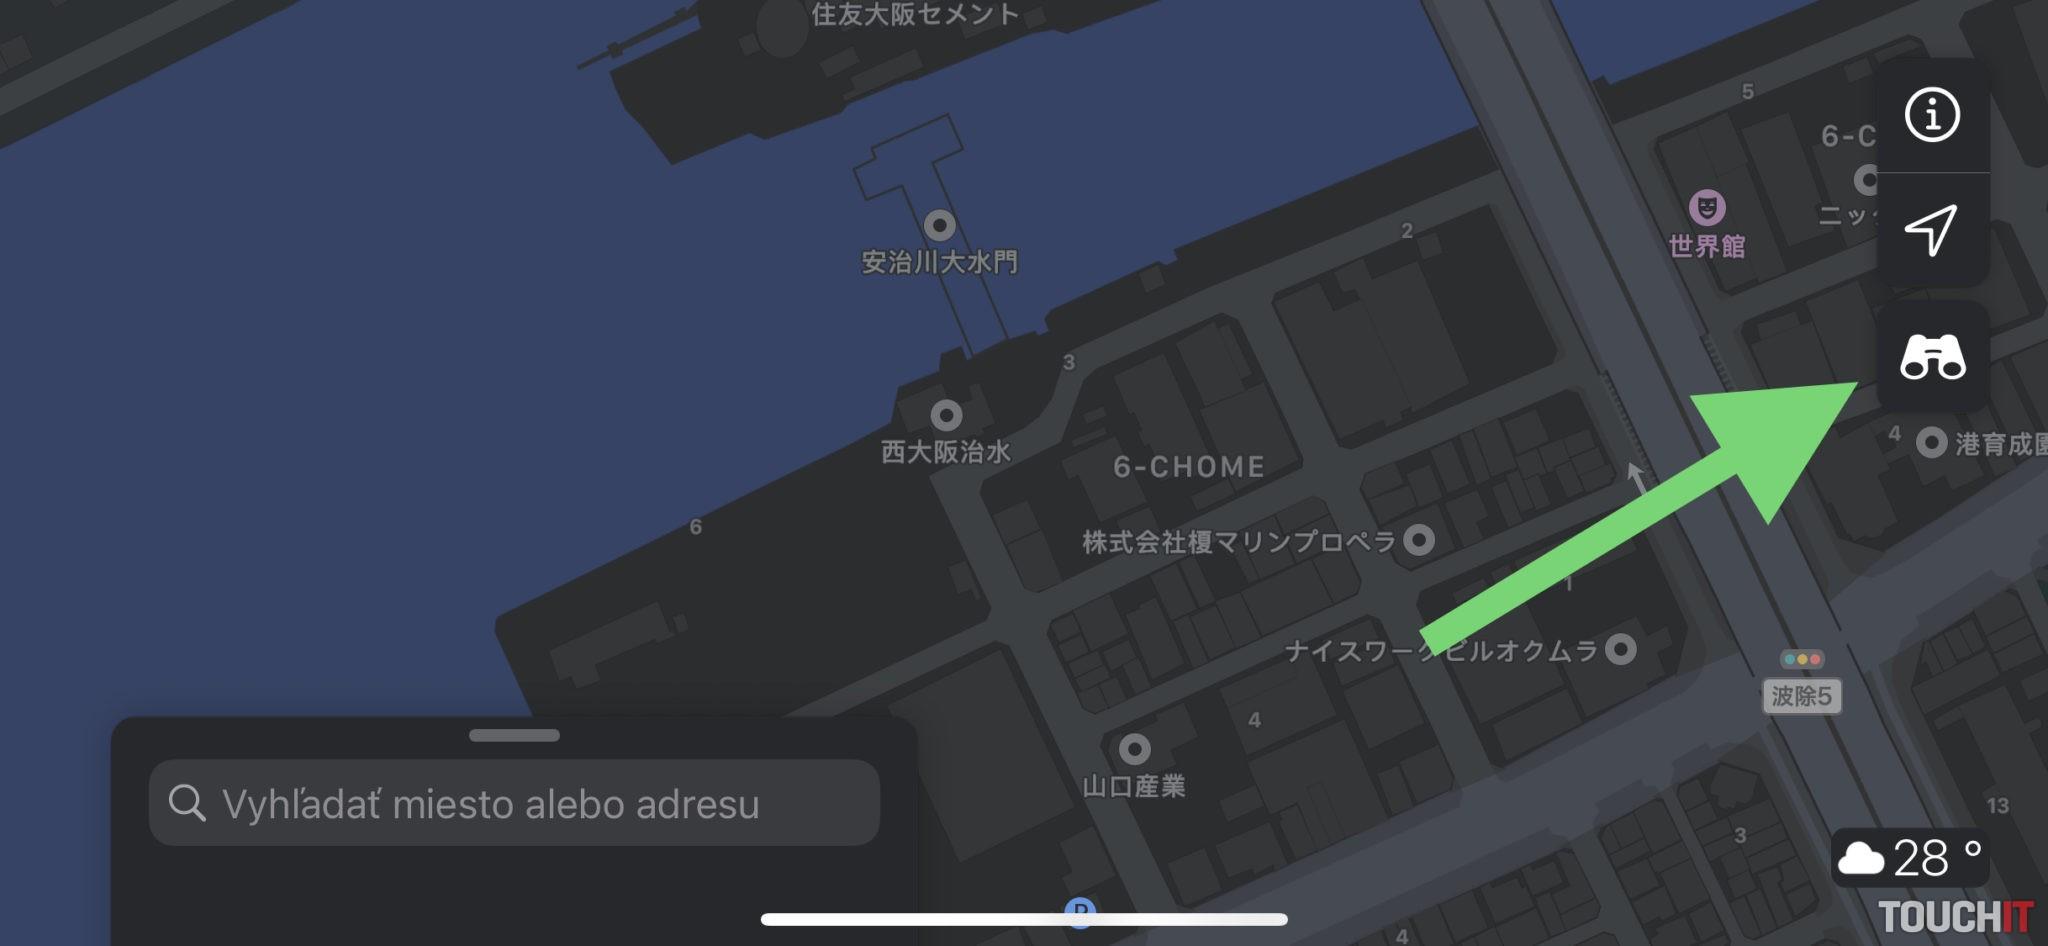 Apple Mapy _ Rozhliadni sa